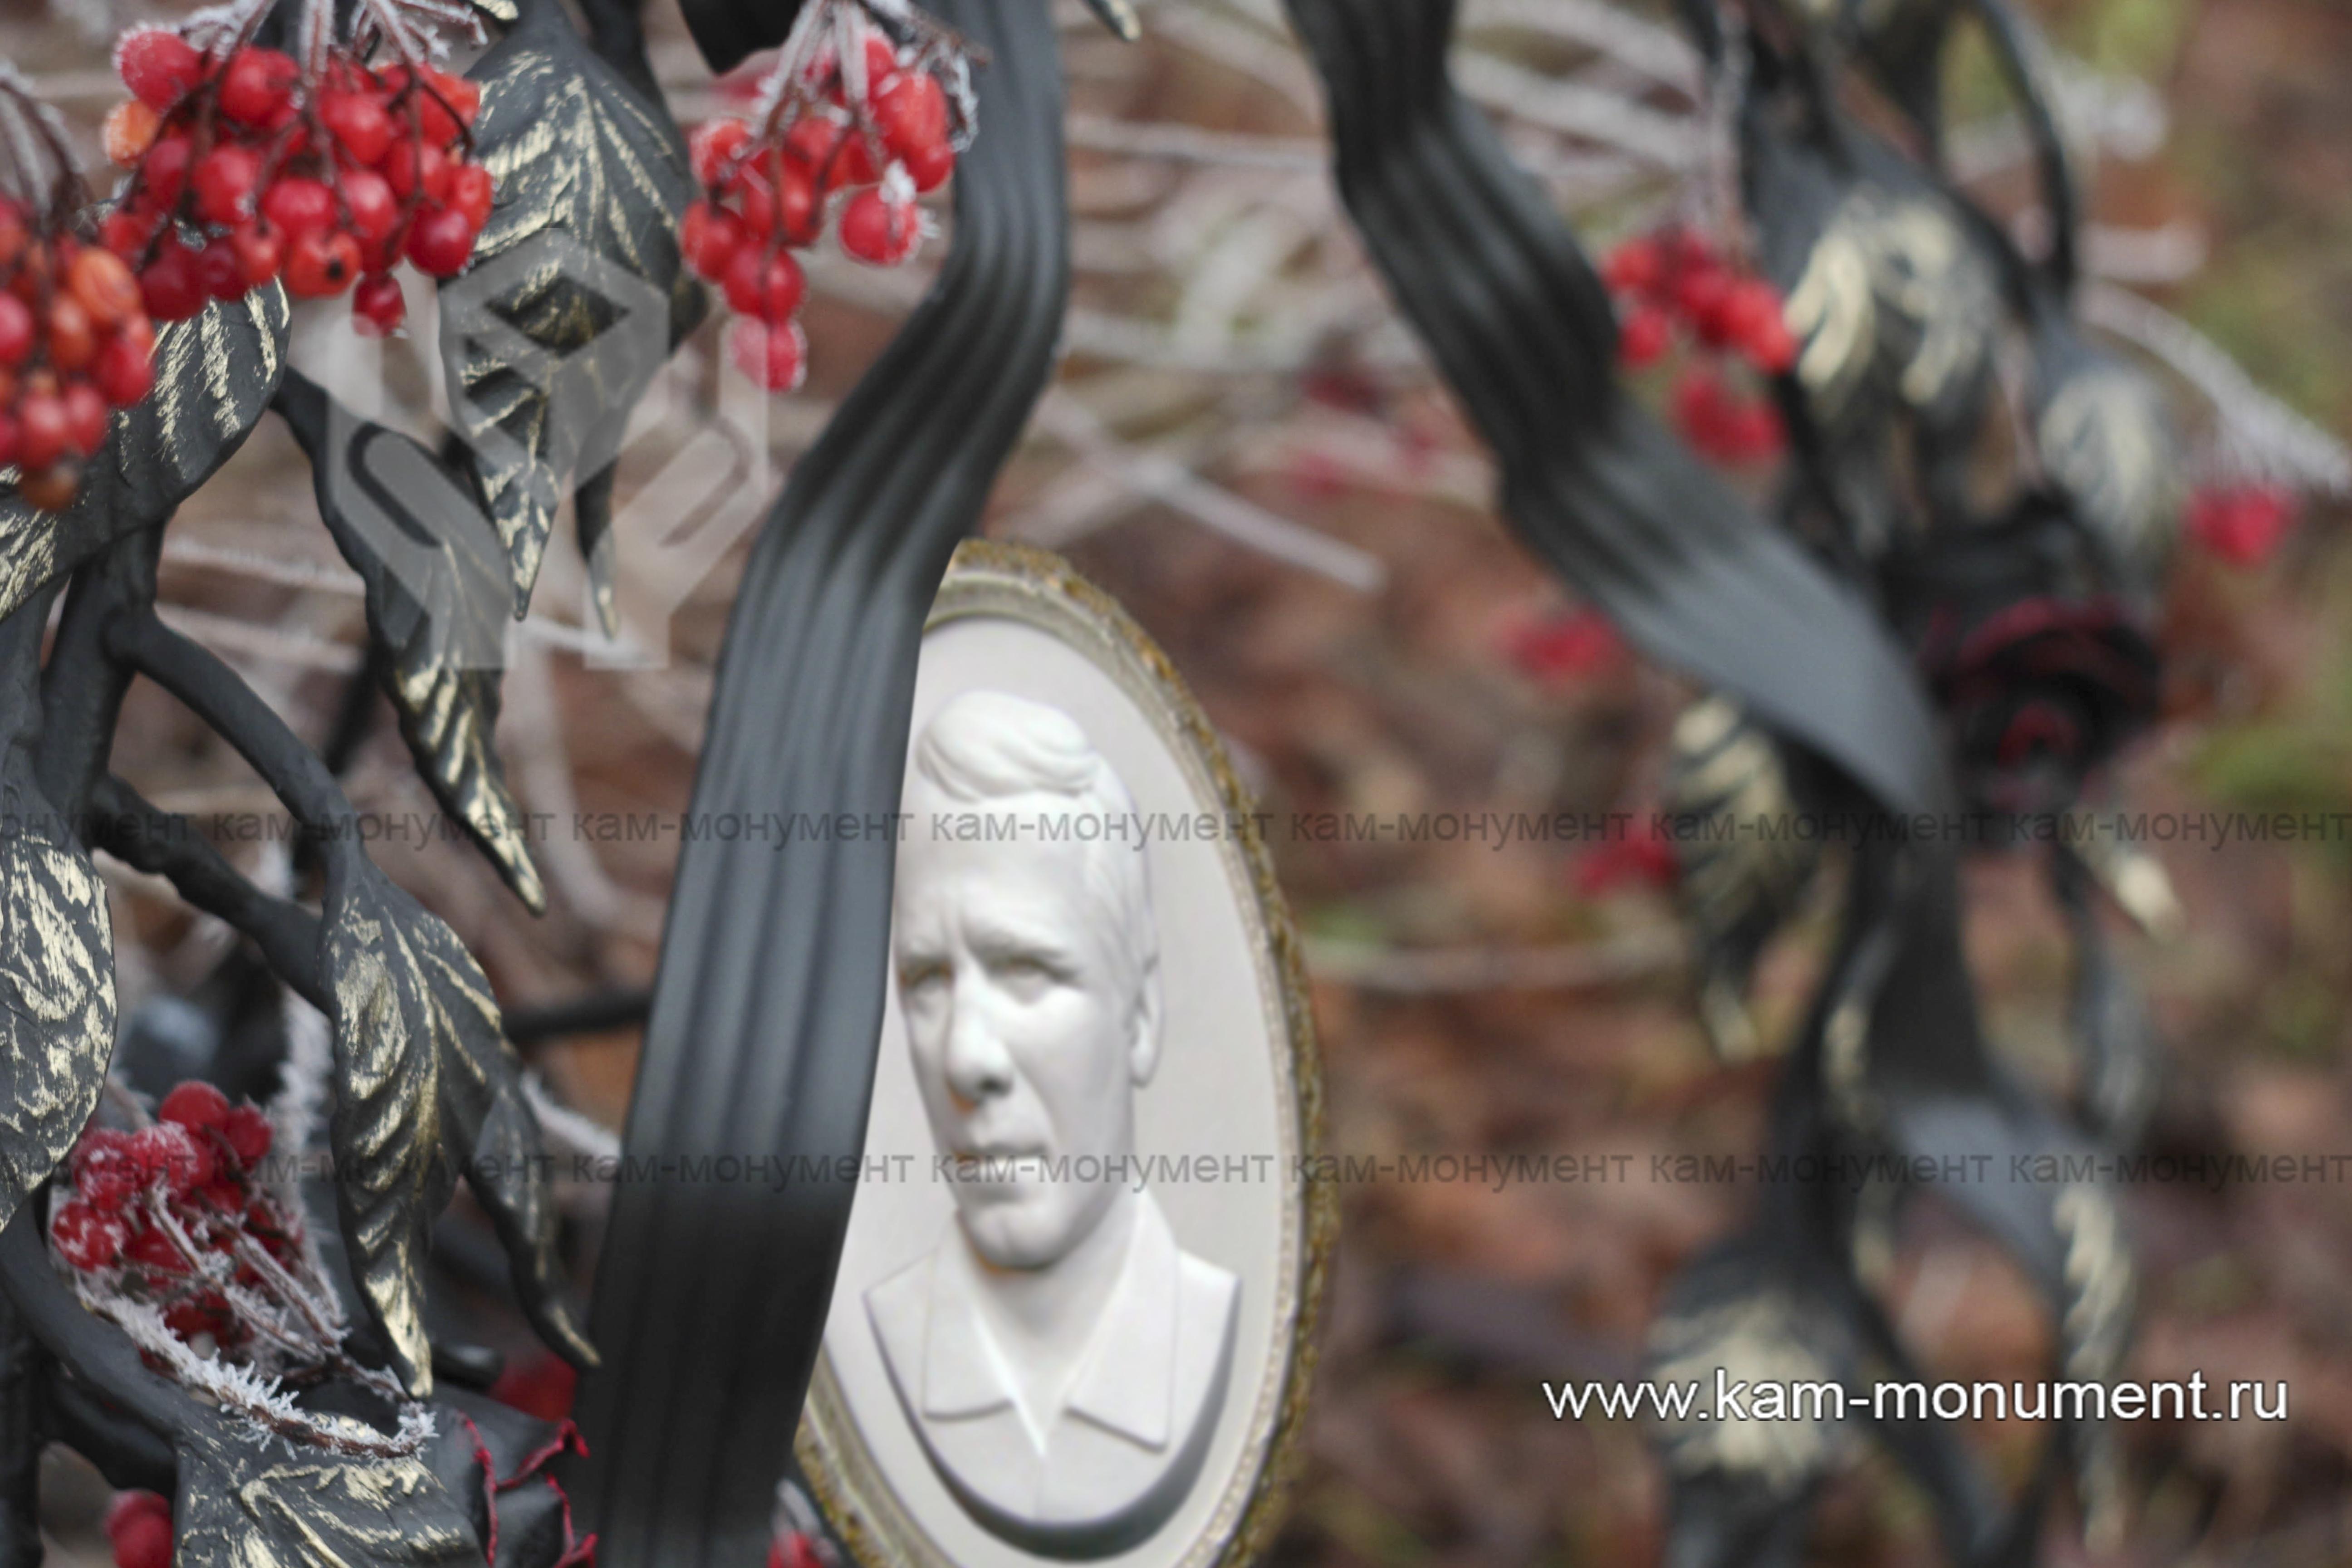 Венок-памятник кованный с барельефом